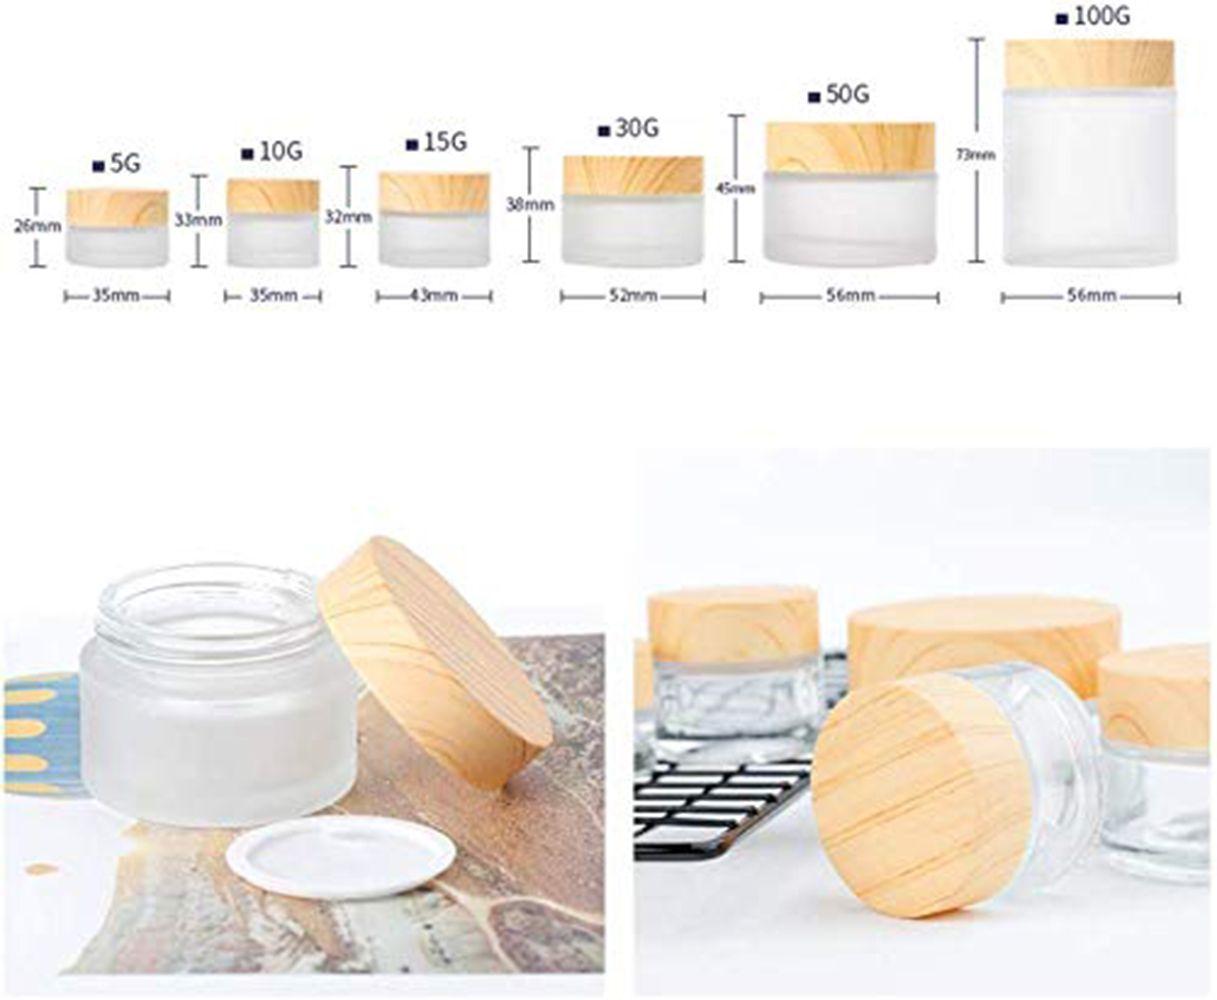 Матовое стекло банка кремовые бутылки круглые косметические банки для ручной лица бутылки 5G, 10G, 15G, 30 г, 50 г кремовых стеклянных банок с деревянной зерновой крышкой